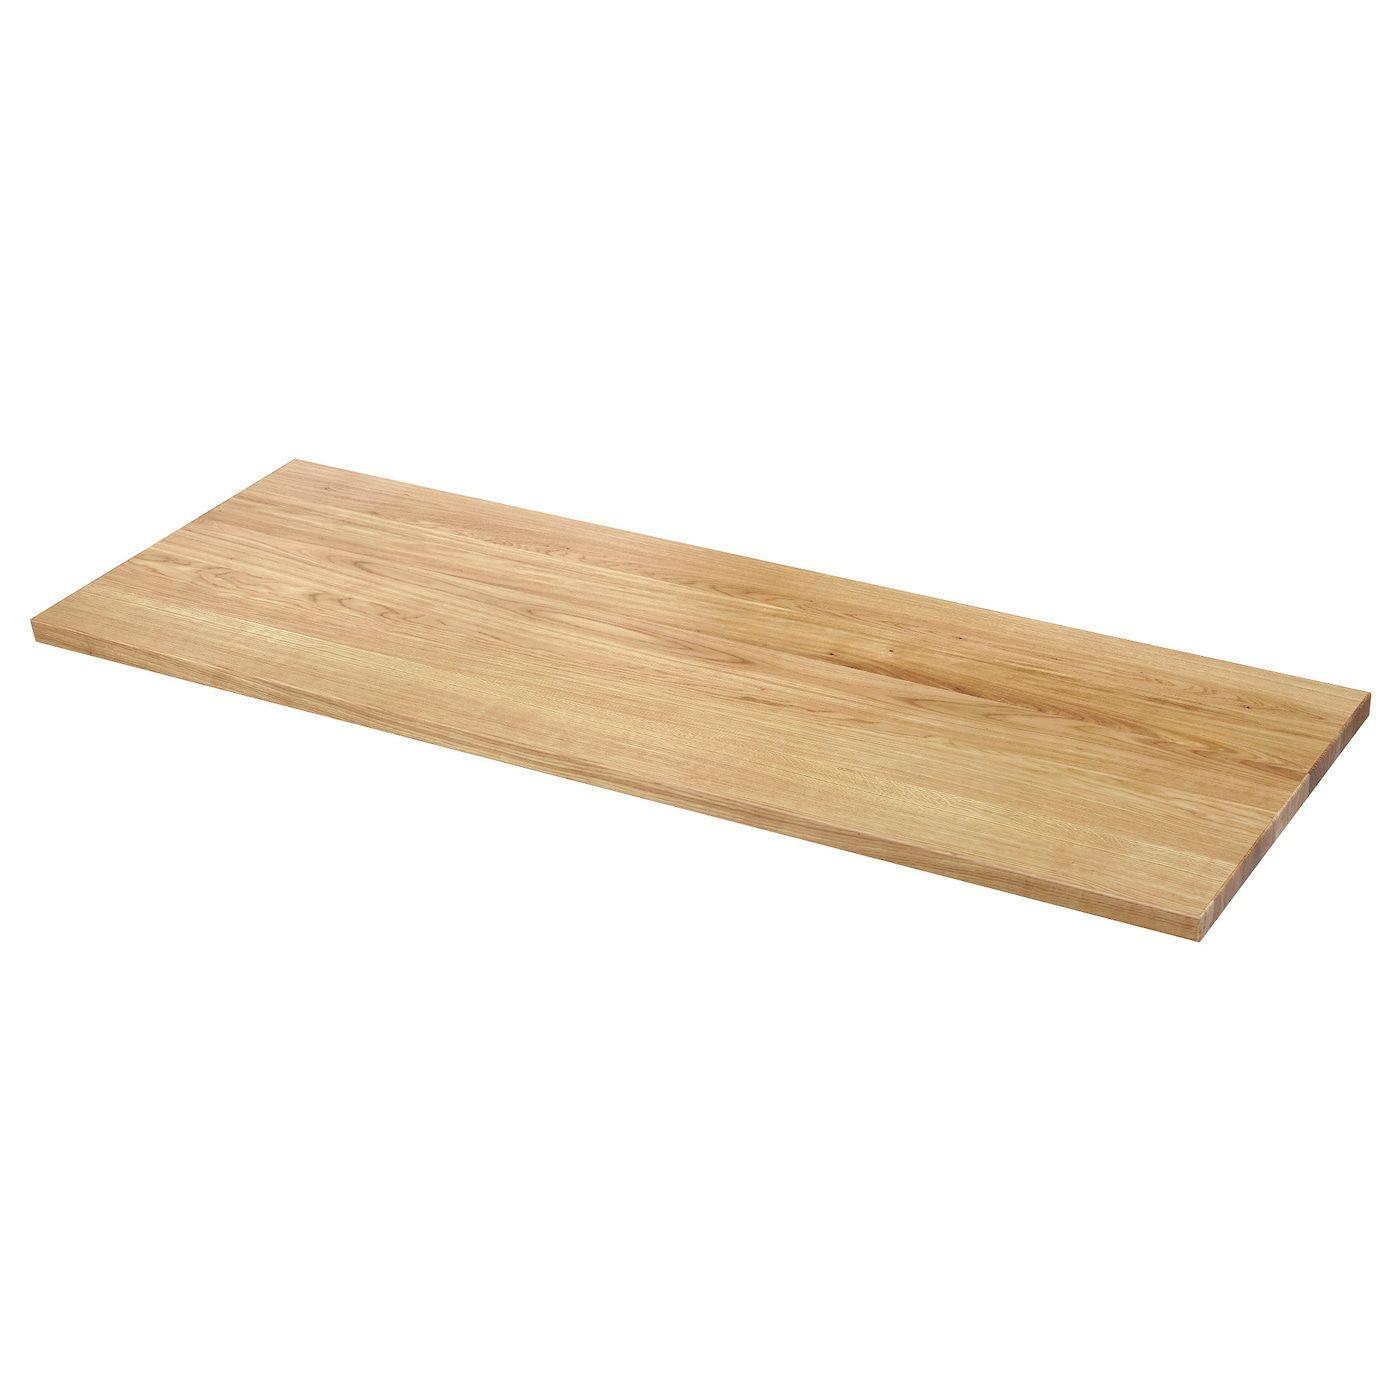 Mollekulla Arbeitsplatte Eiche Furnier Ikea Deutschland Ikea Countertops Wood Countertops